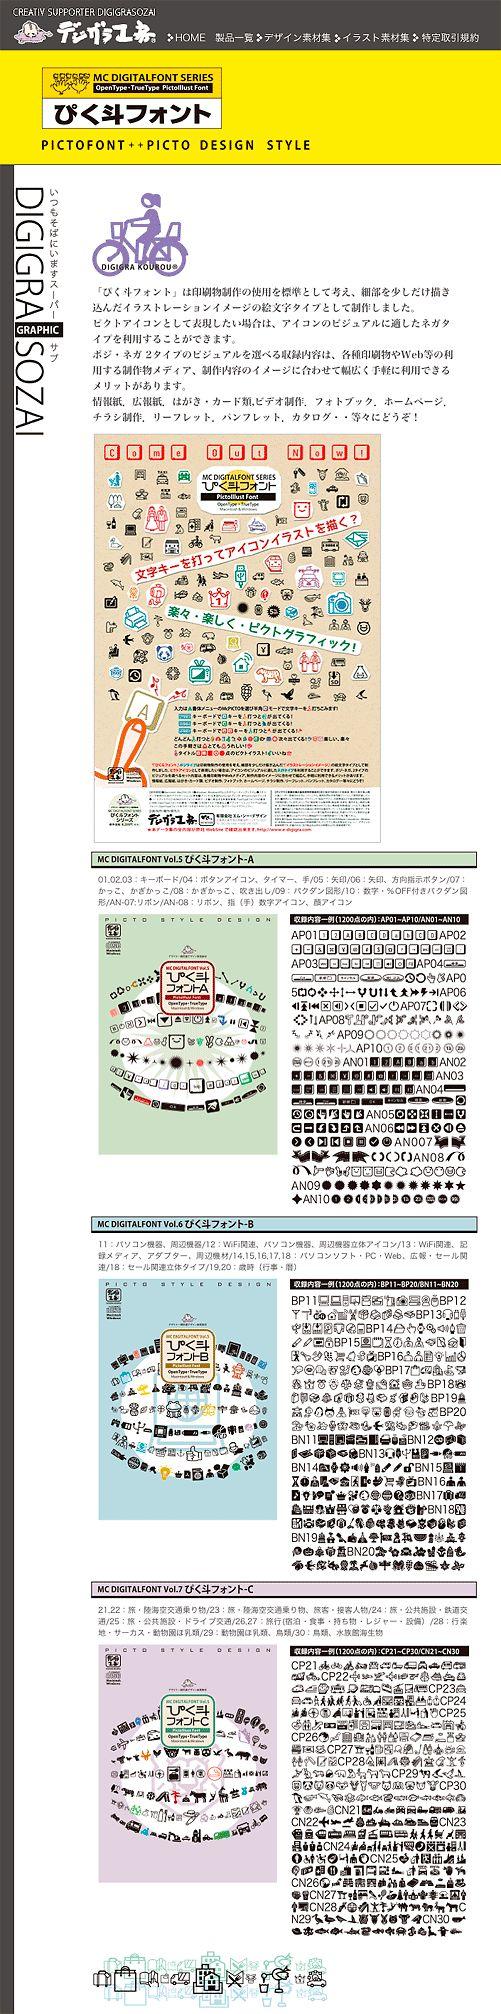 デジグラ工房・ピクトフォント製品紹介のWebページ-2:ピクトフォント(製品名:MC DIGITAL FONT・ぴく斗フォント):ピクト系のイラストをテキストとして入力出来る絵文字フォントです。 WebSite・http://e-digigra.com/EP_Webdata/PictoABC_html/PICTO_1p.html #design #pictogram #printing #dtp #opentype font #TrueType font #picto font #graphic #font #web site #web font #DIGIGRA PICTURE #デジグラ工房 #MC DIGITAL FONT